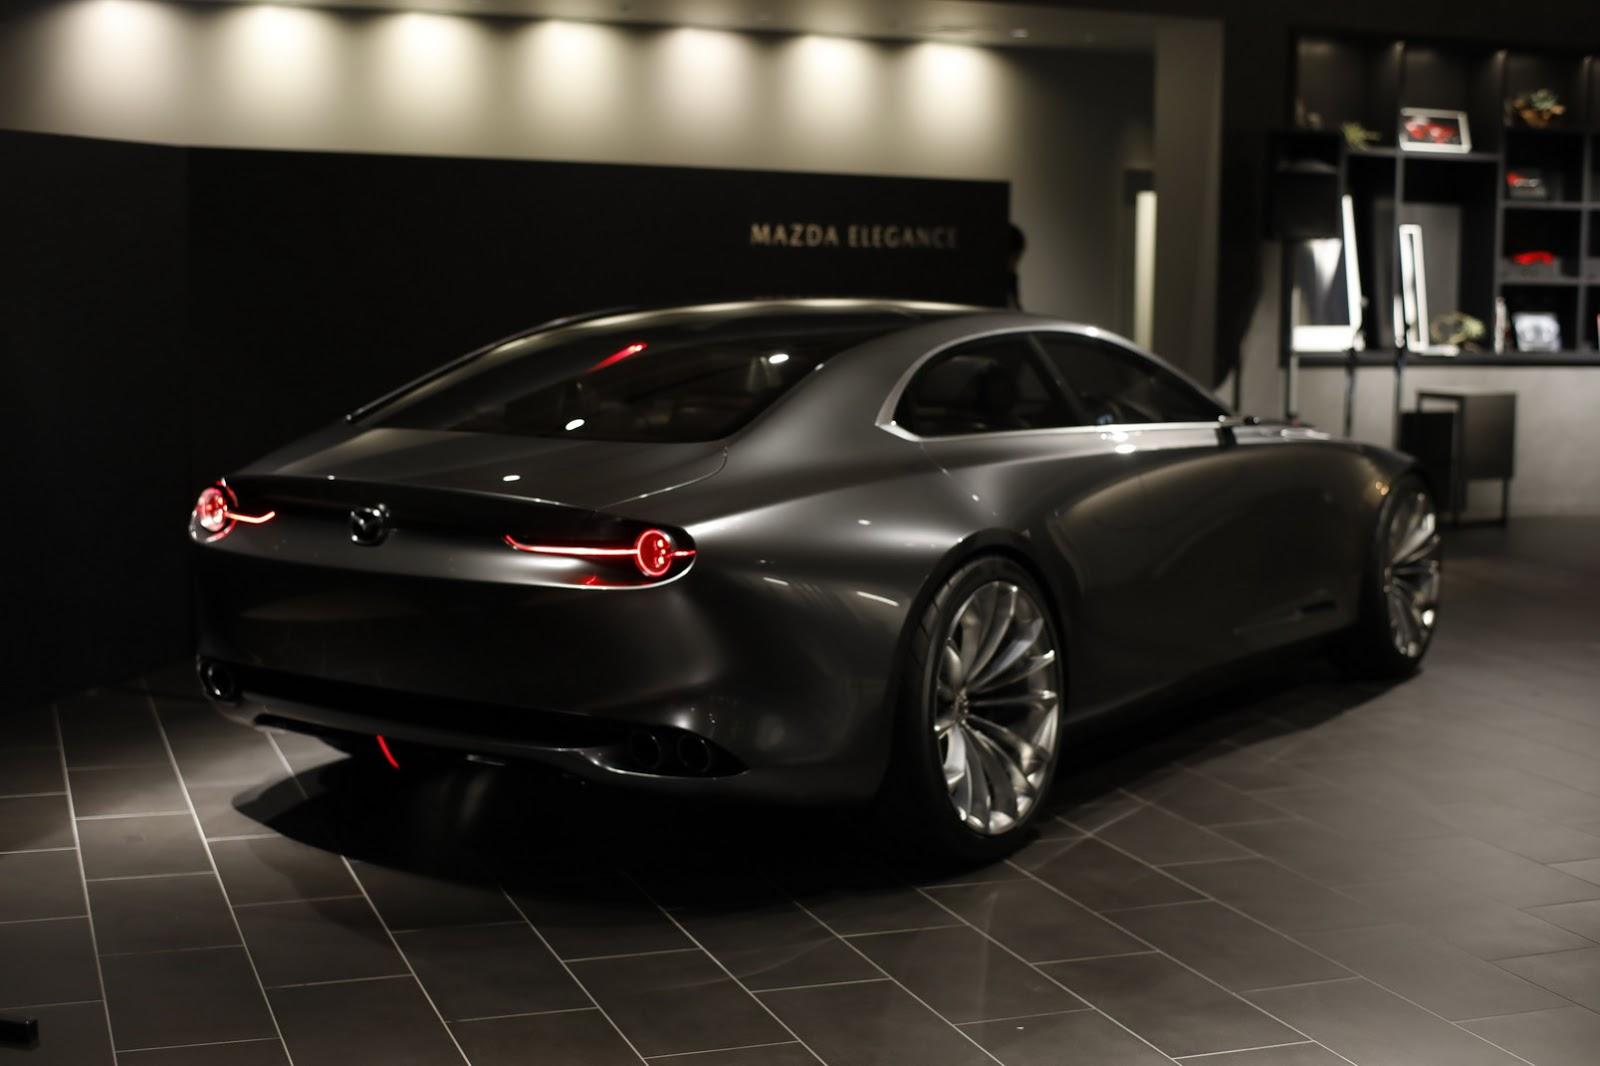 Mazda đang phát triển động cơ xăng và dầu 6 động cơ Skyactiv-X mới - 09